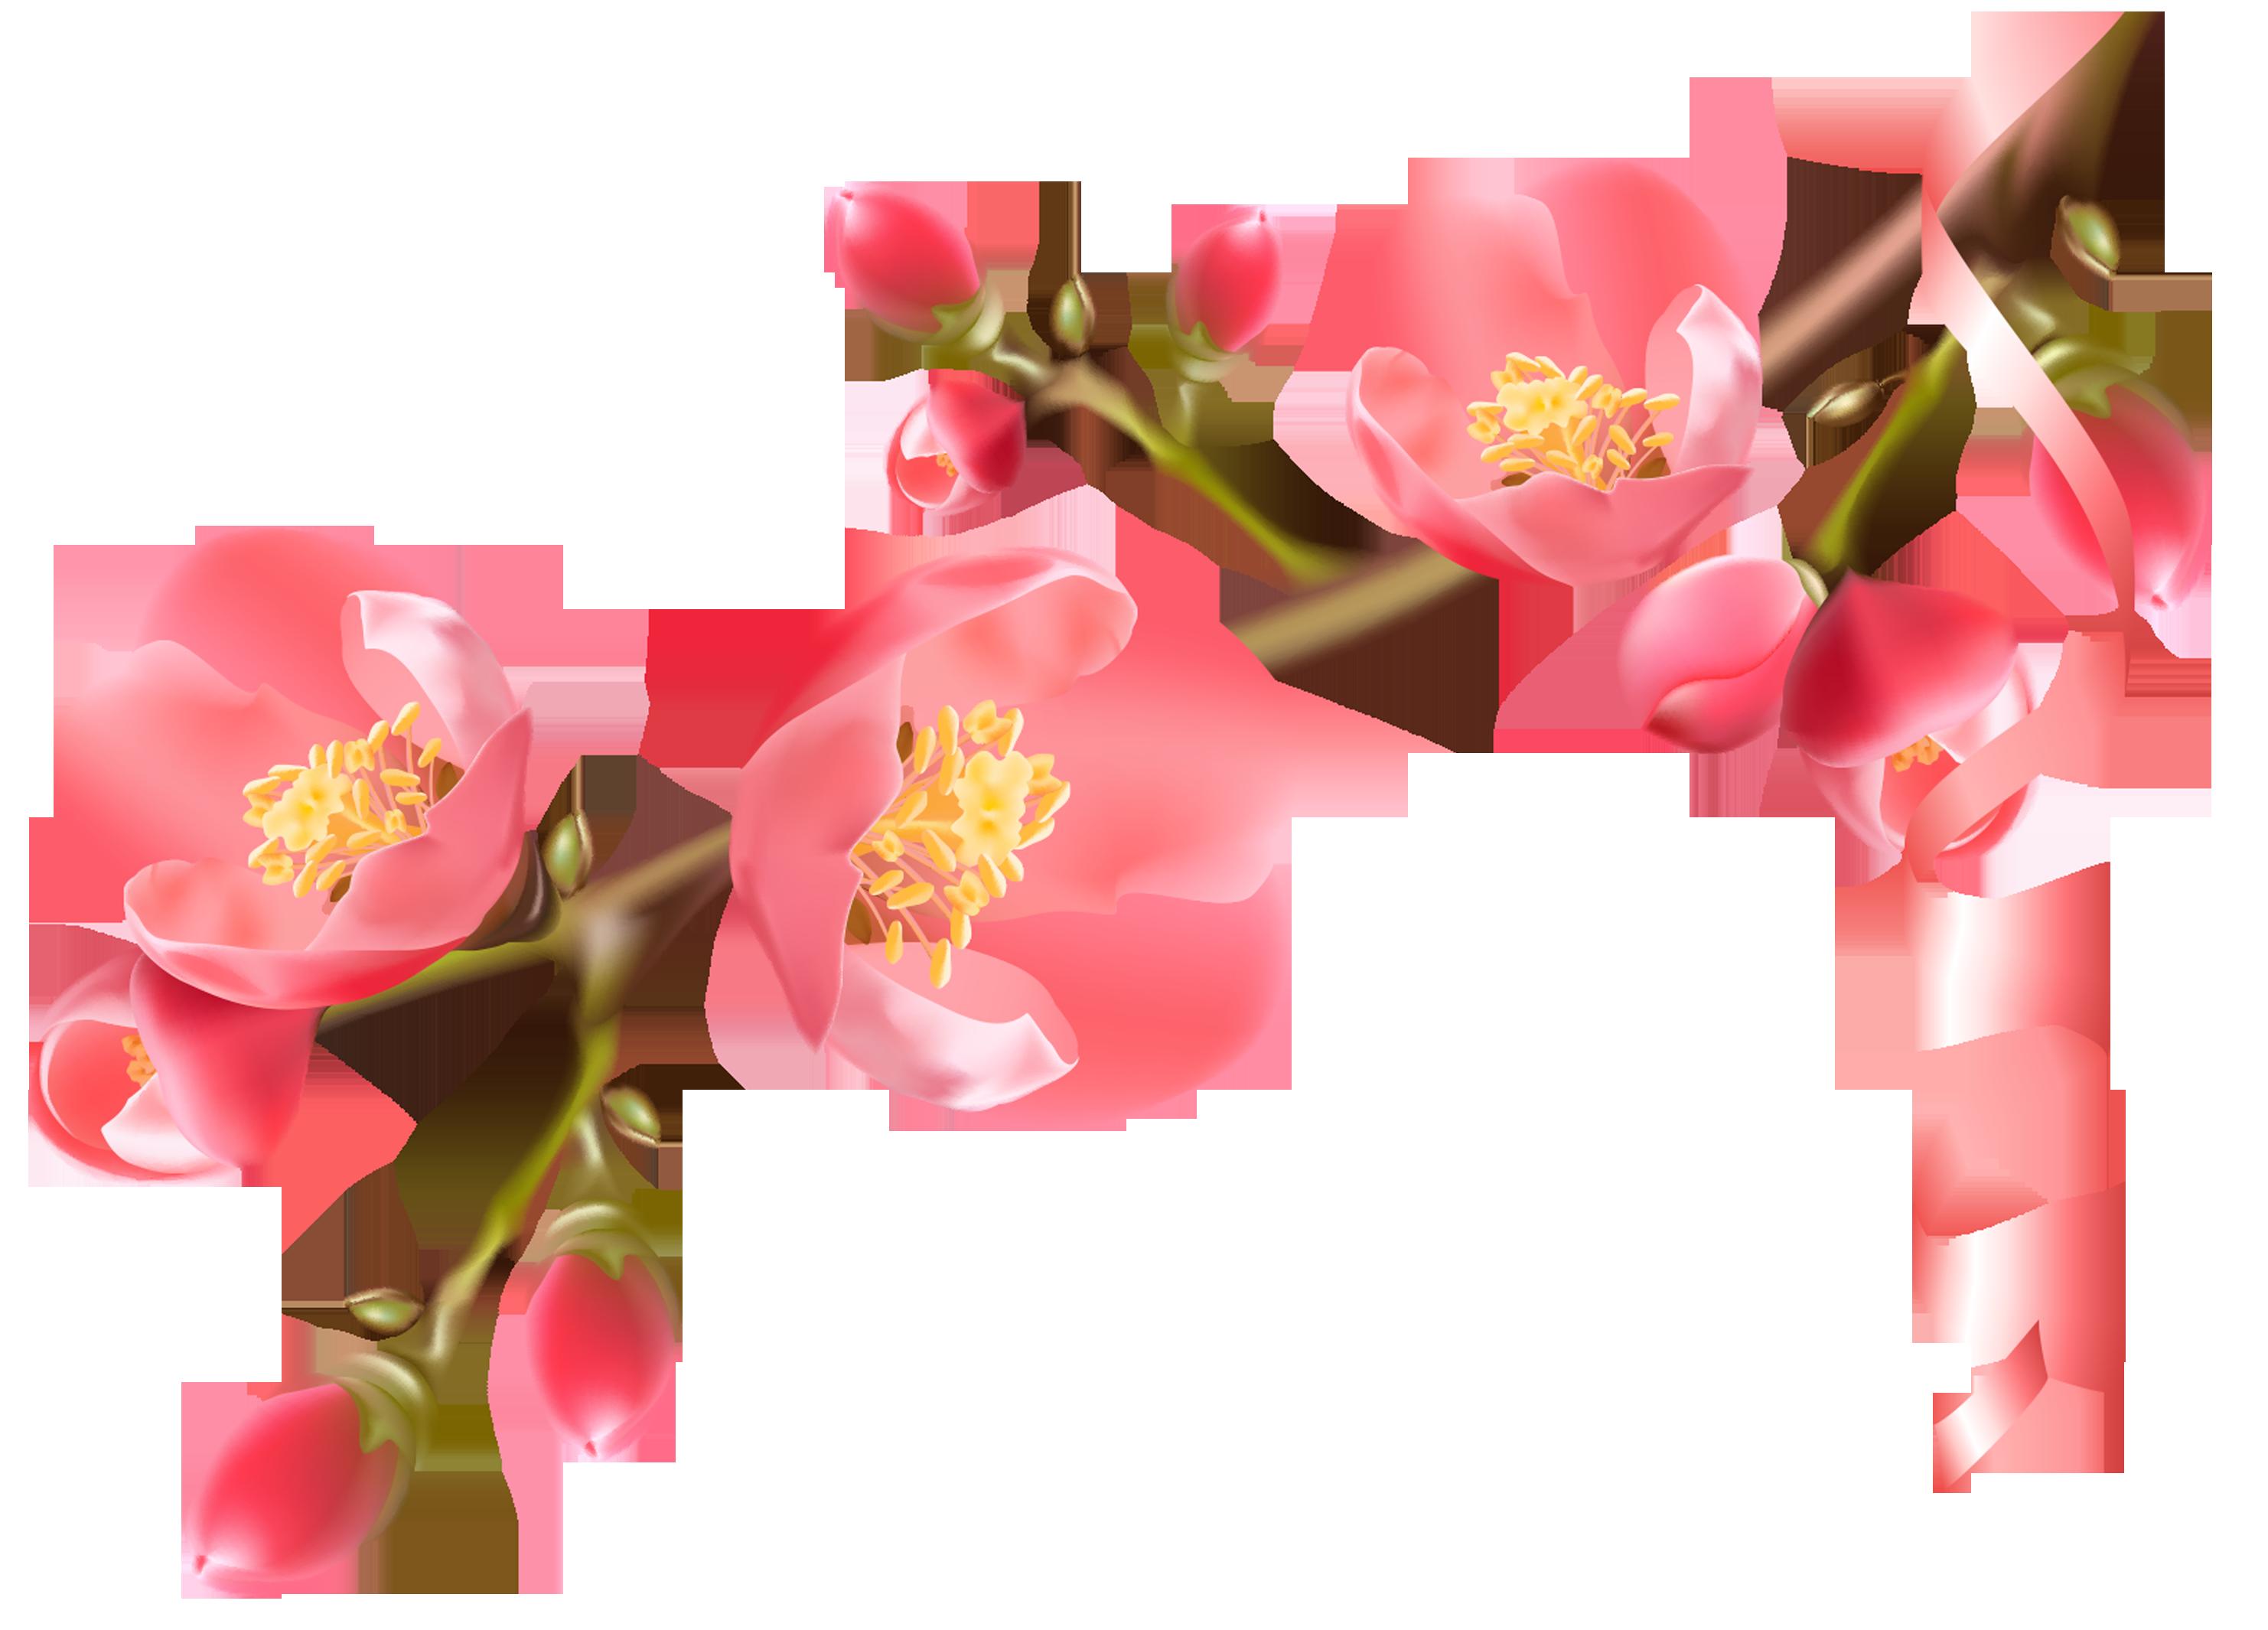 игрушечных снеговика картинка веточки цветка однолетние